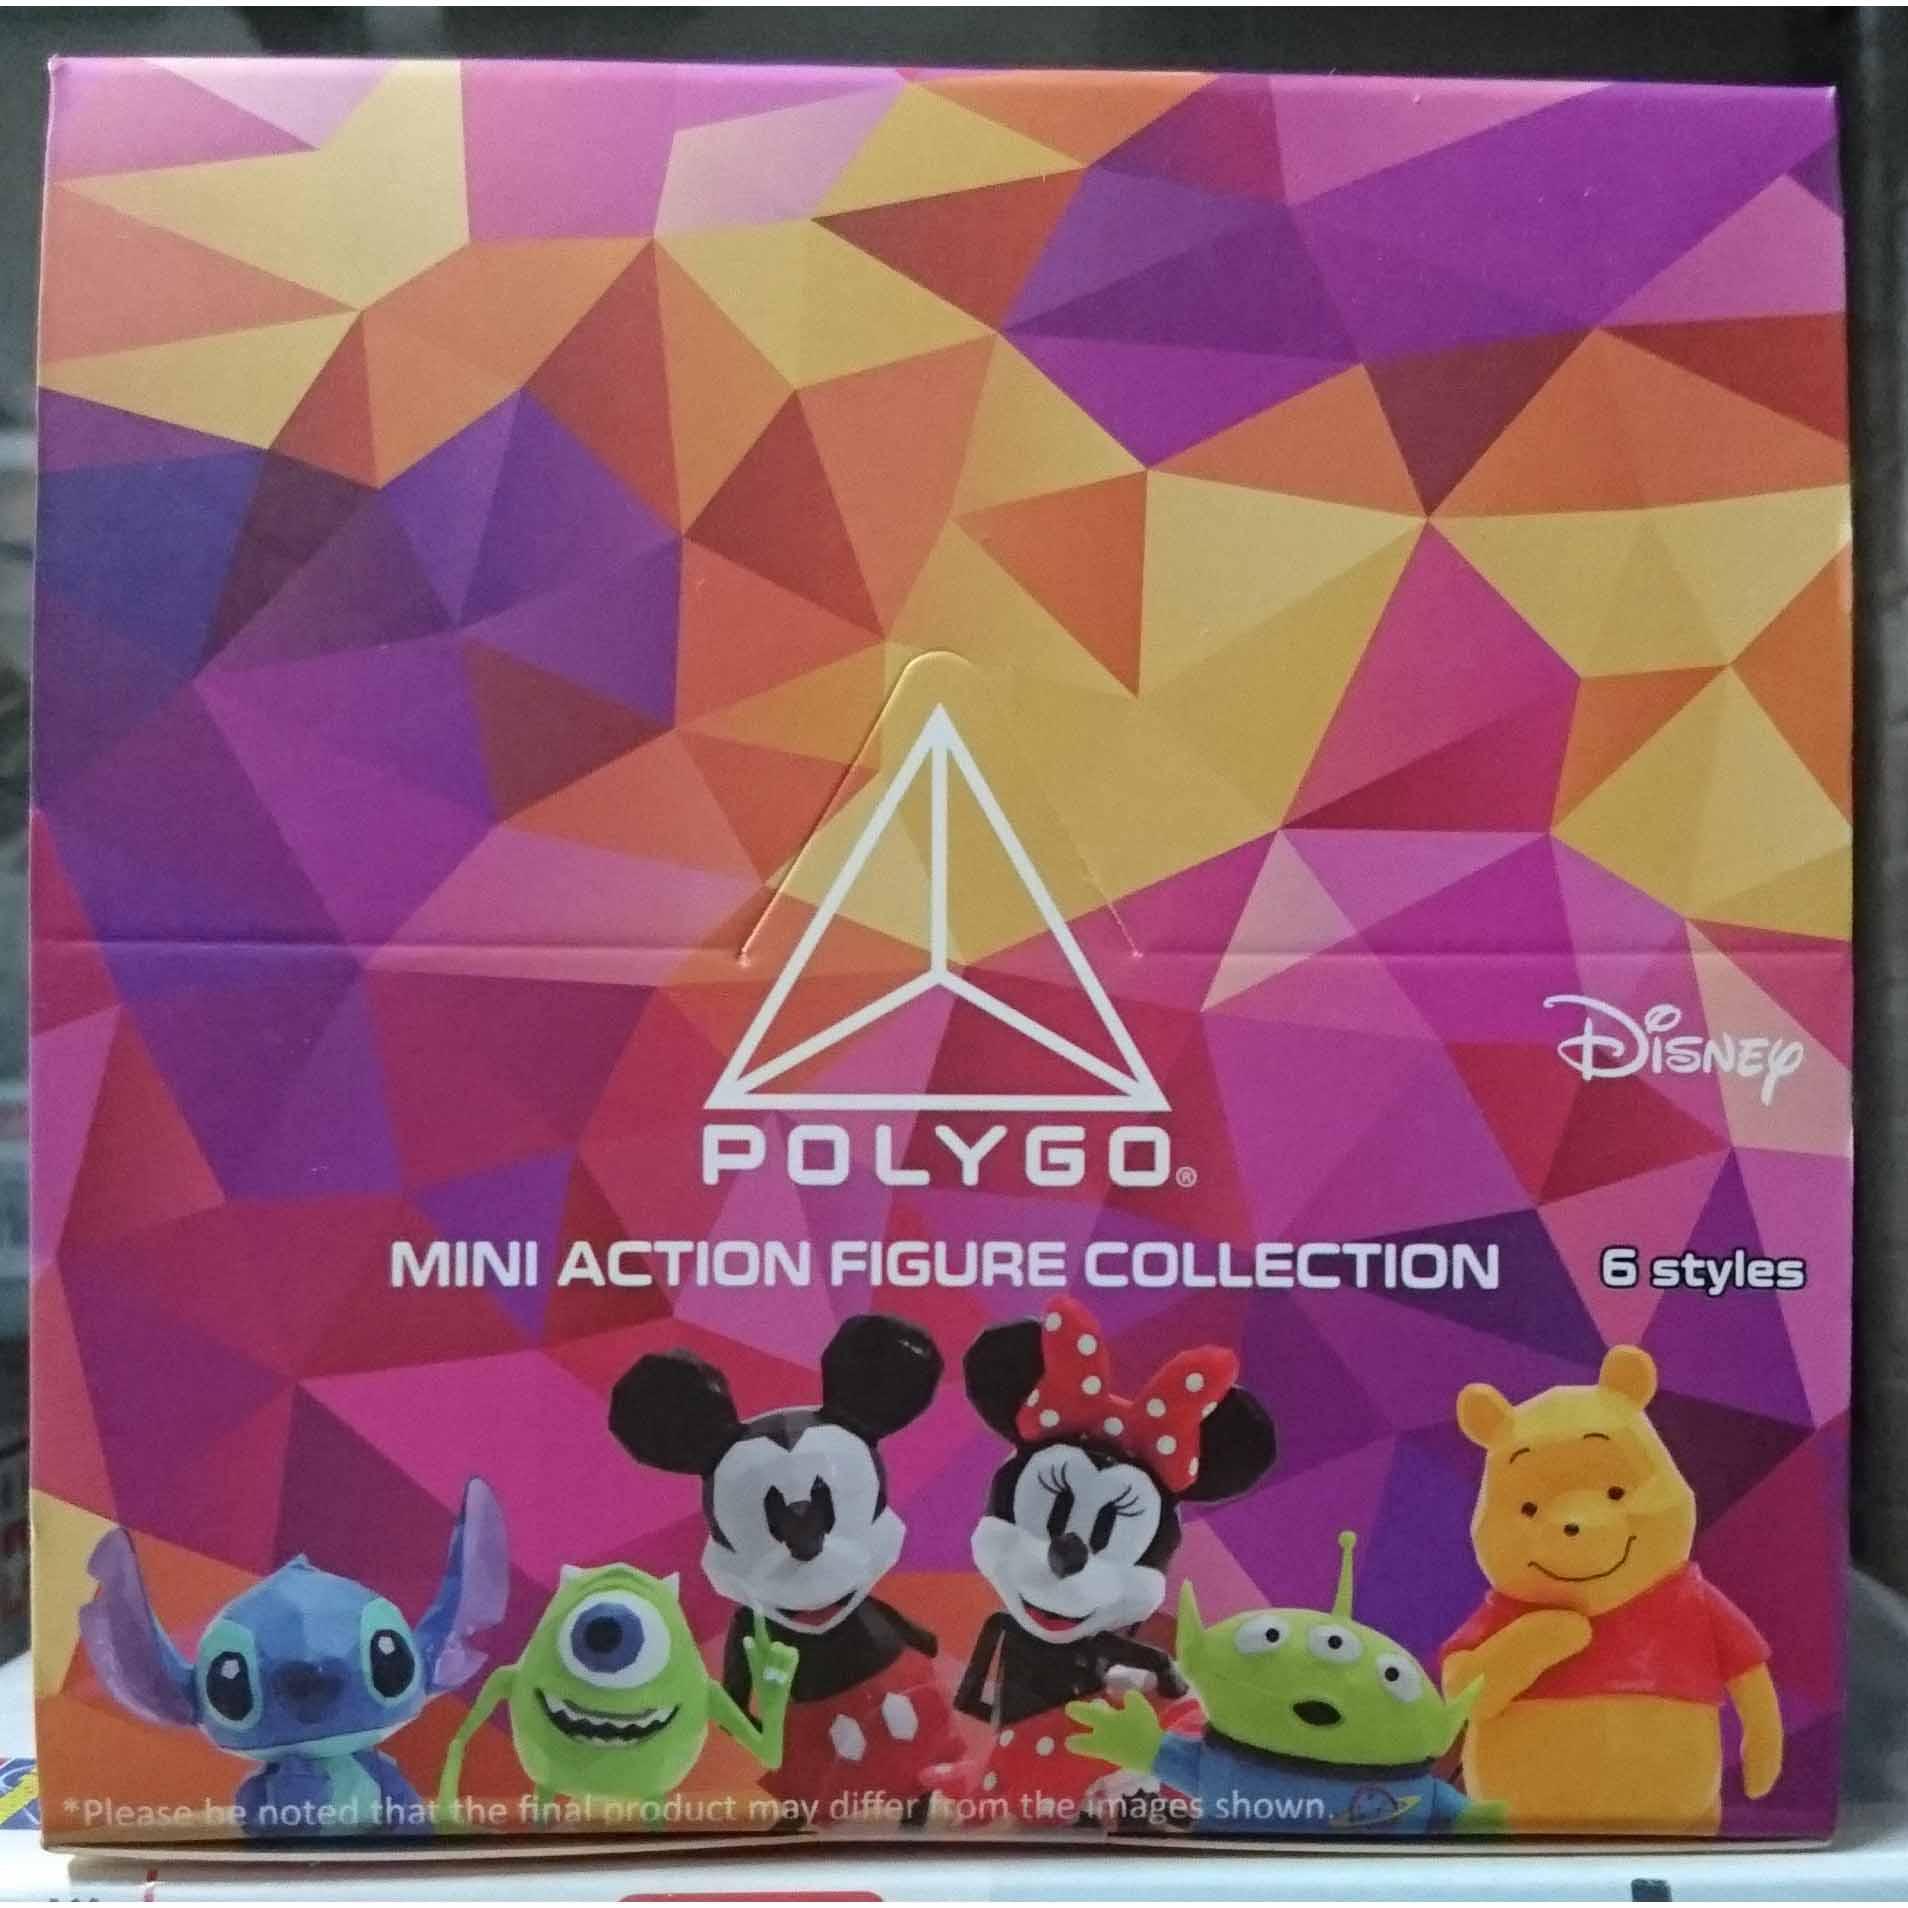 POLYGO 迪士尼 迷你可動公仔系列,益祥模型玩具外盒實拍。